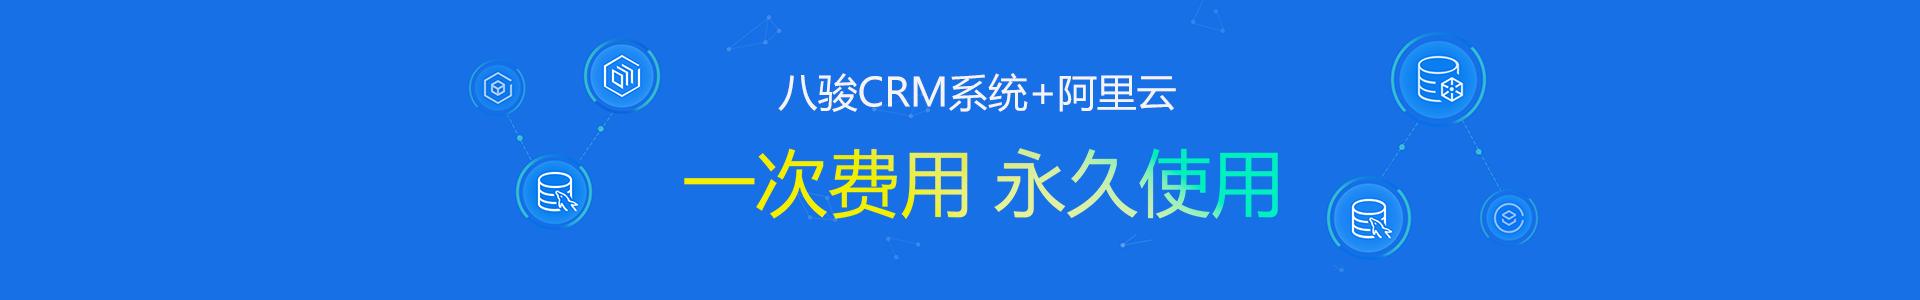 crm系统,crm客户管理软件